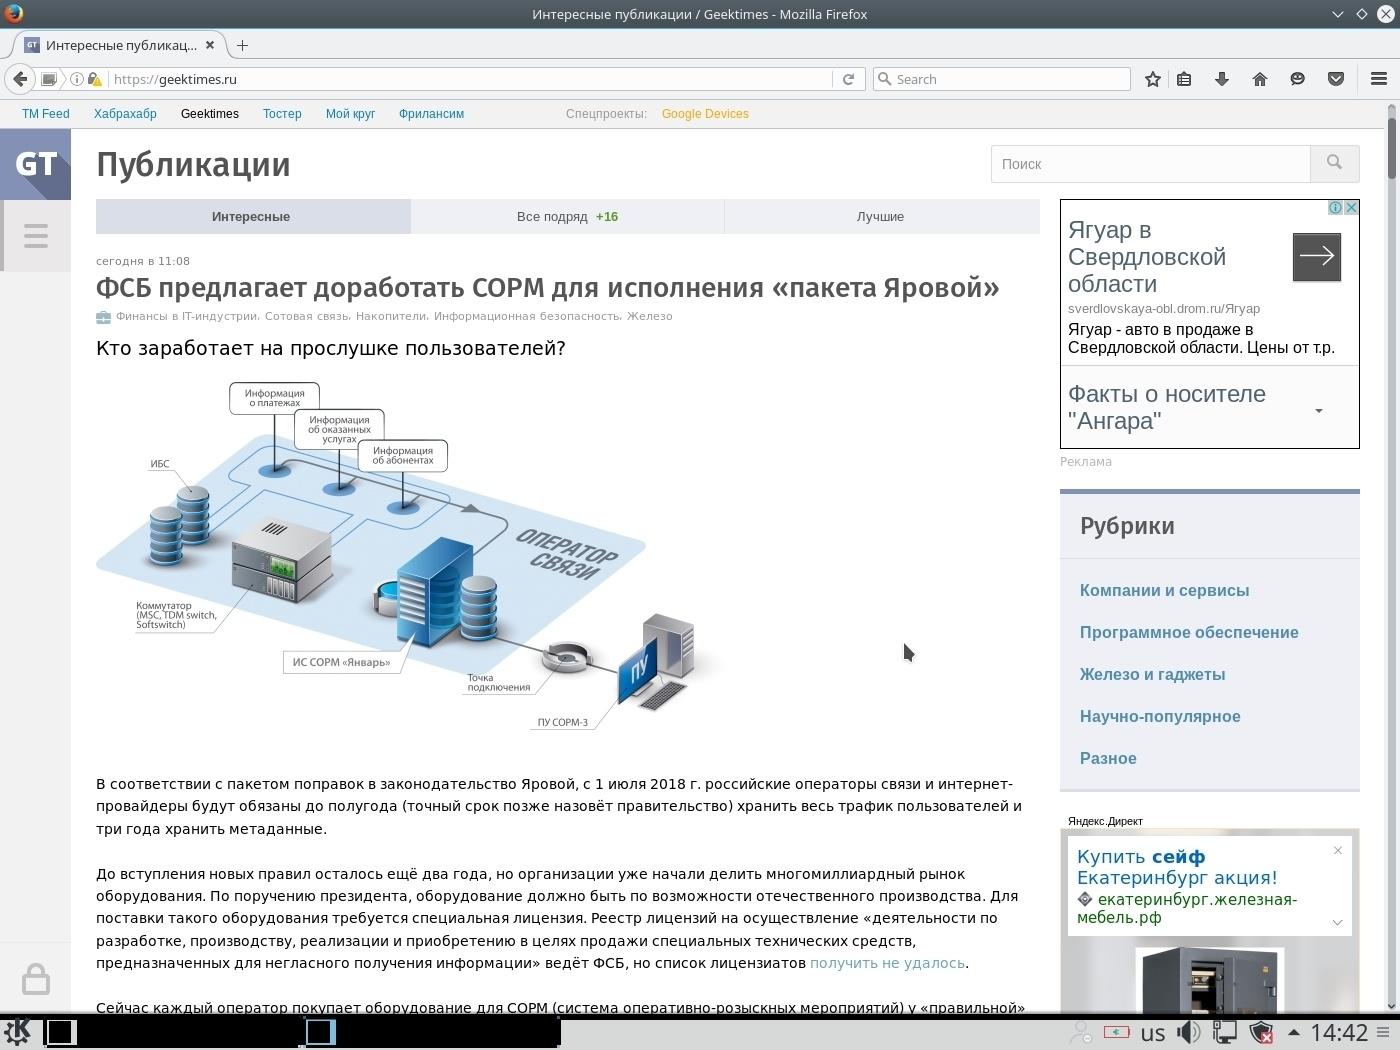 Эксперименты над ноутбуком iRU Brava-4215COMBO, выпущенным в 2004 году (Часть 2) - 24